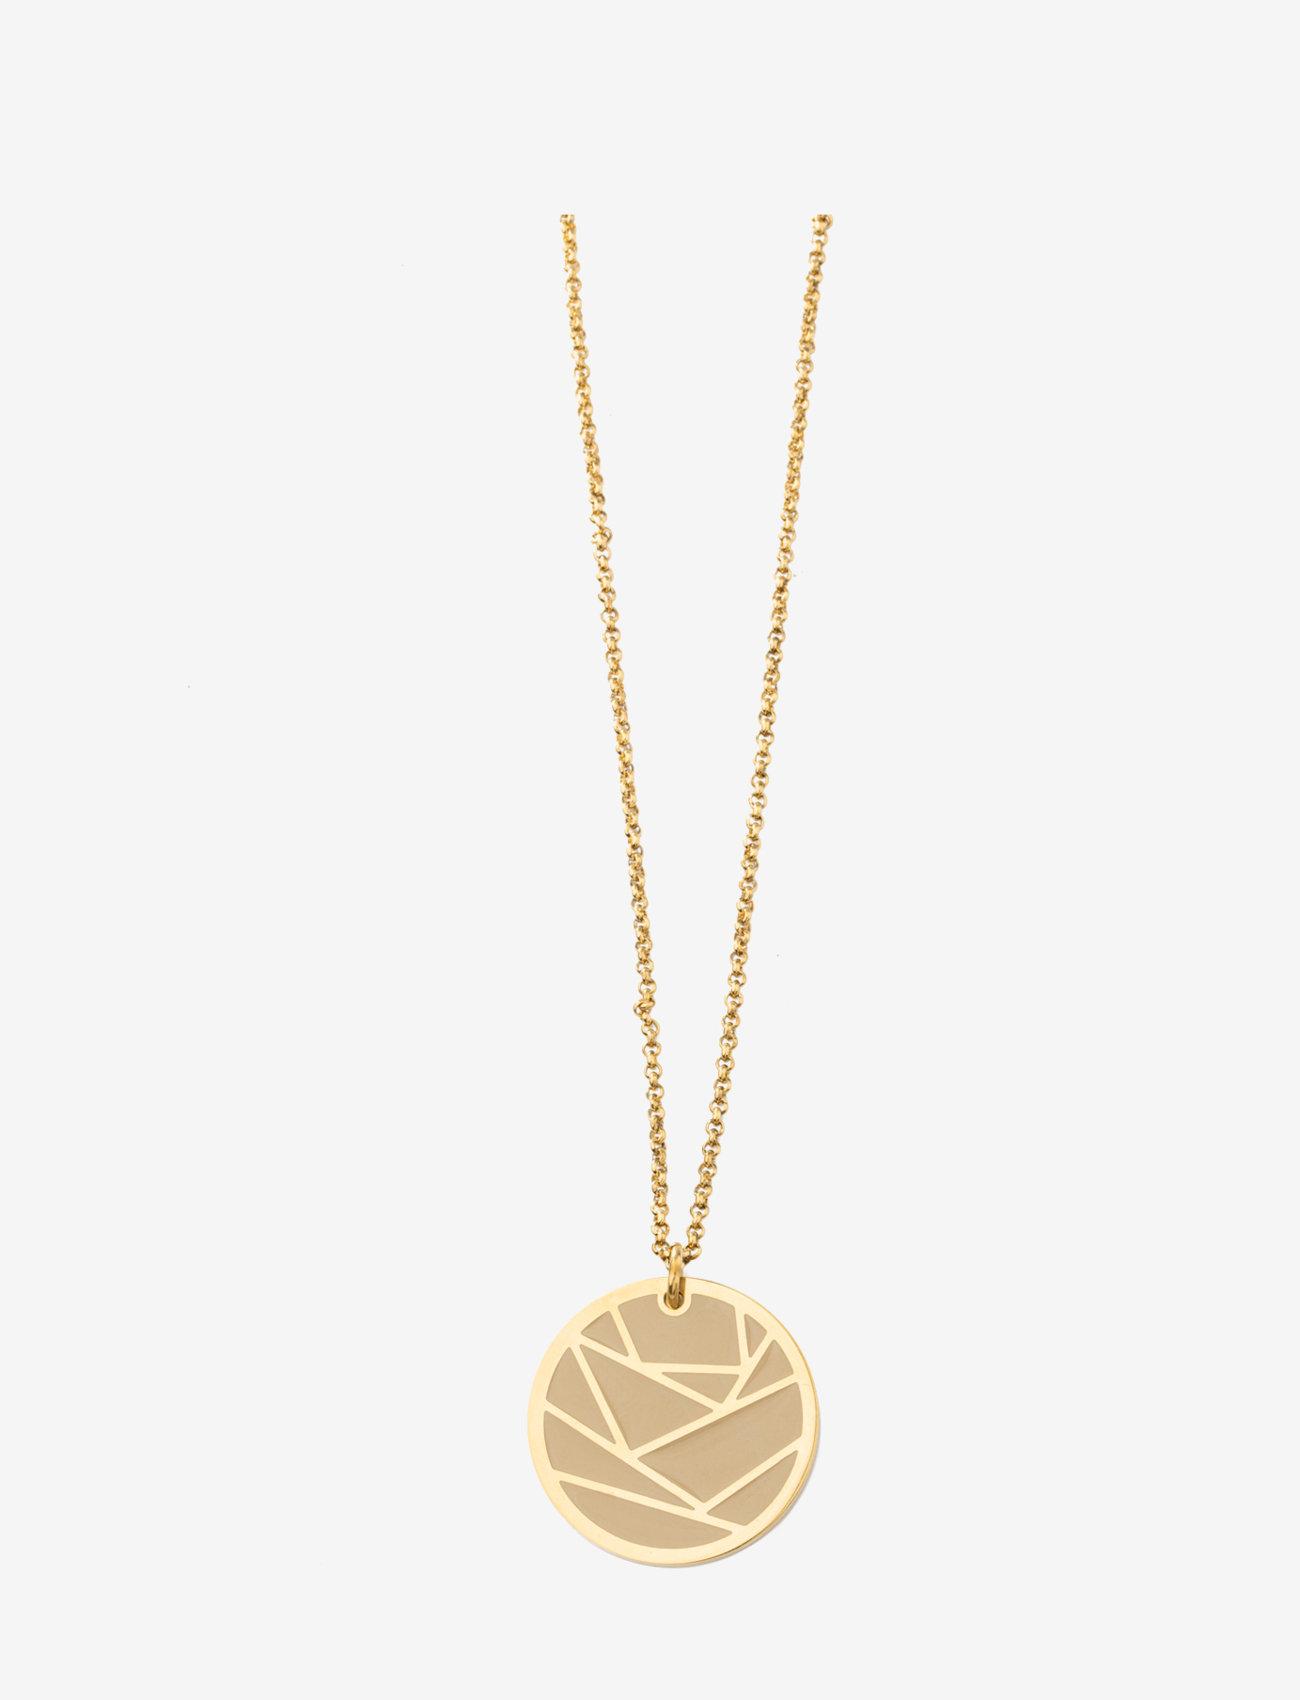 Bud to rose - Rose Enamel Long necklace Sand/Gold - kettingen met hanger - gold - 0